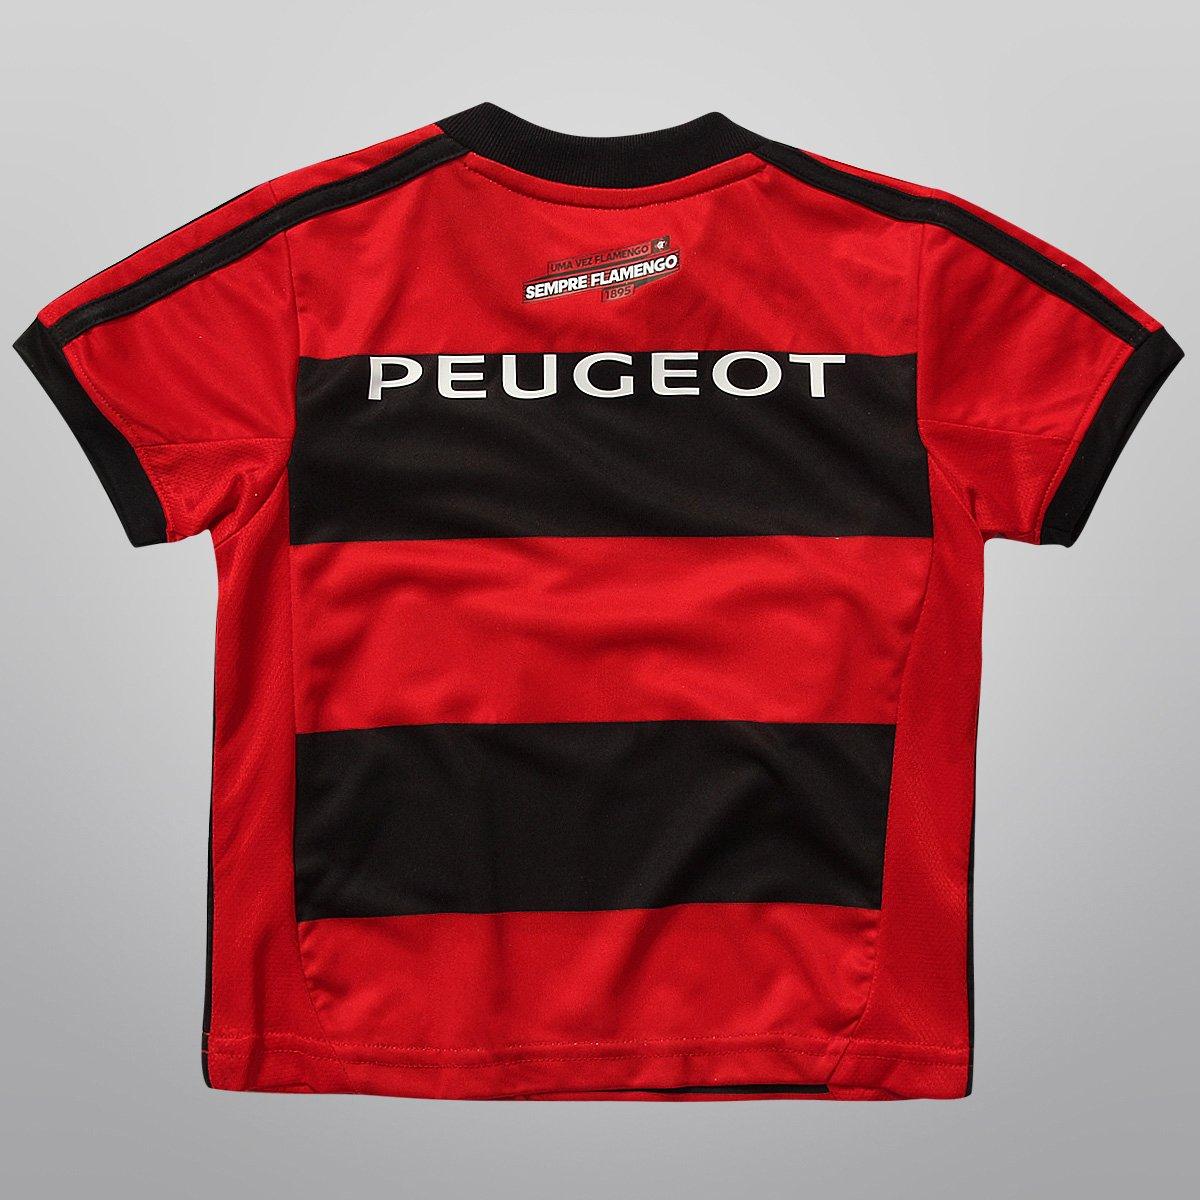 e222c68130 Kit Adidas Flamengo I 2013 Infantil - Compre Agora